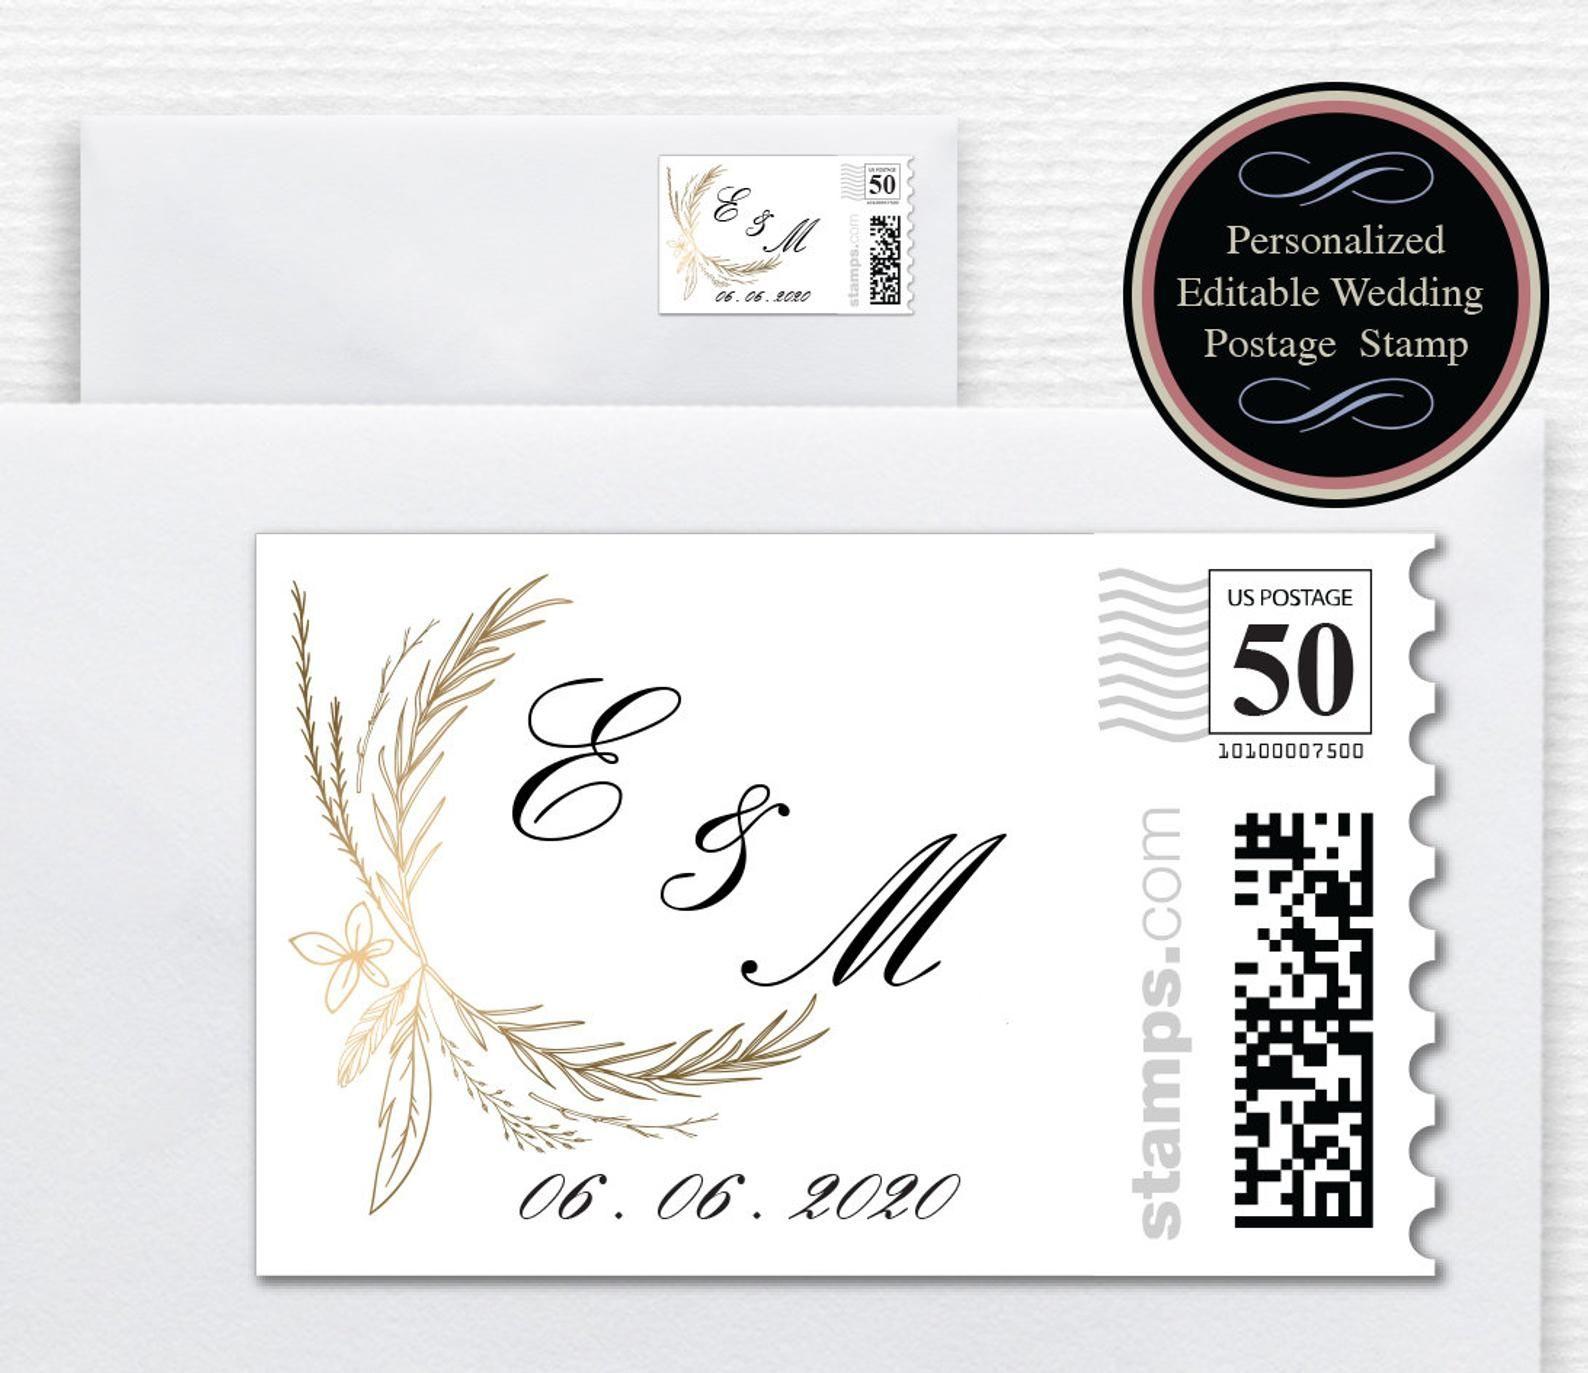 Wedding Postage Stamps Gold Boho Design Editable Postage Etsy Wedding Stamp Design Wedding Postage Stamps Wedding Postage